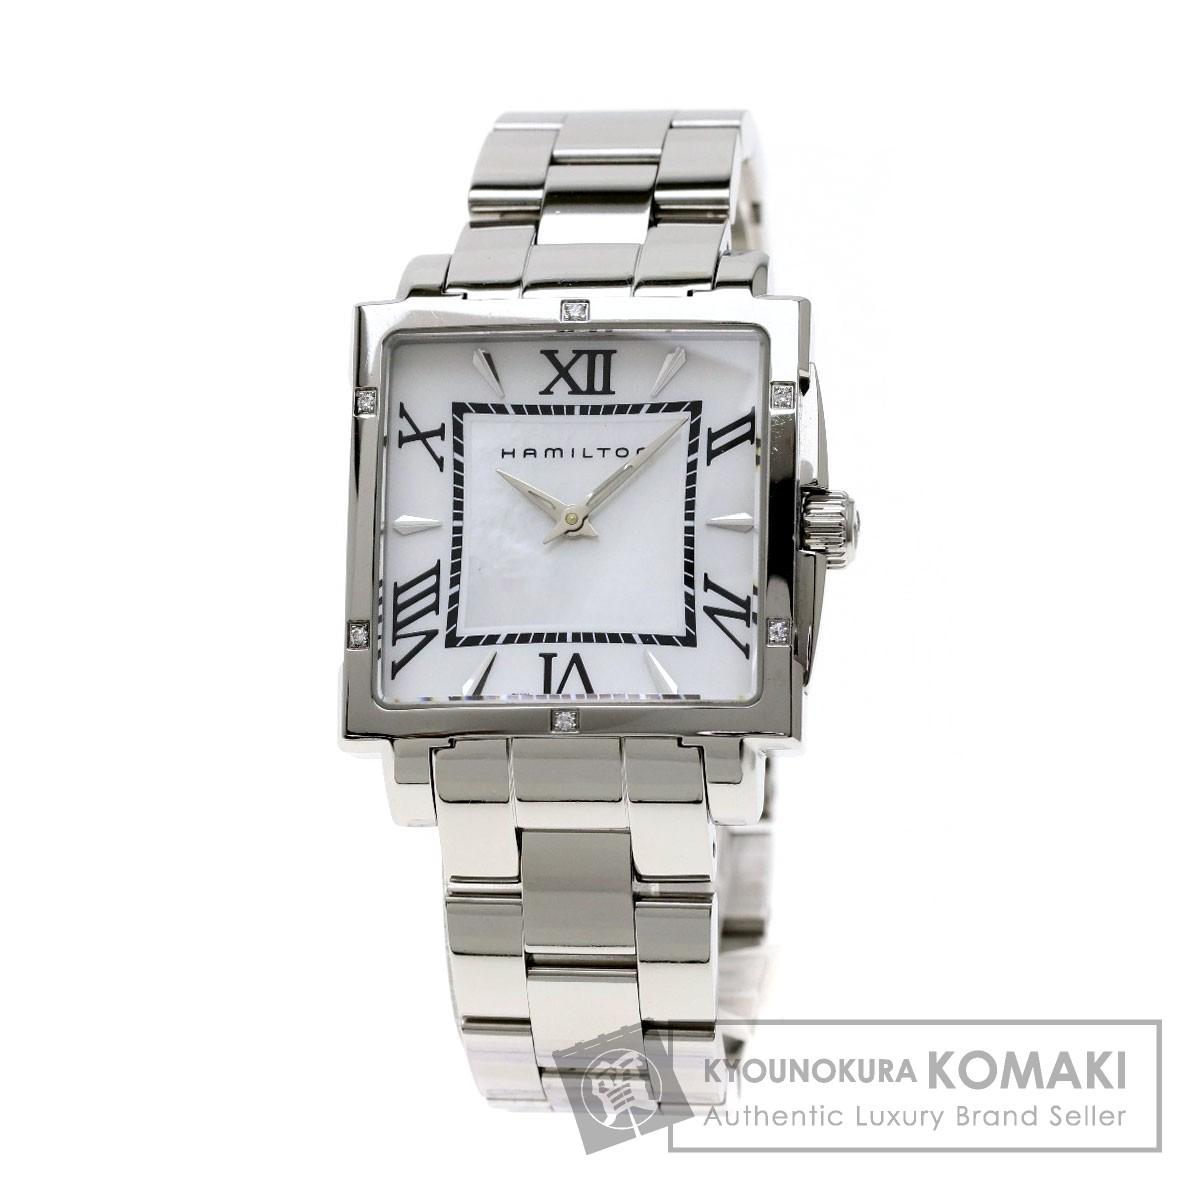 HAMILTON H322910 ジャズマスター 6Pダイヤモンド 腕時計 ステンレススチール/SS レディース 【中古】【ハミルトン】